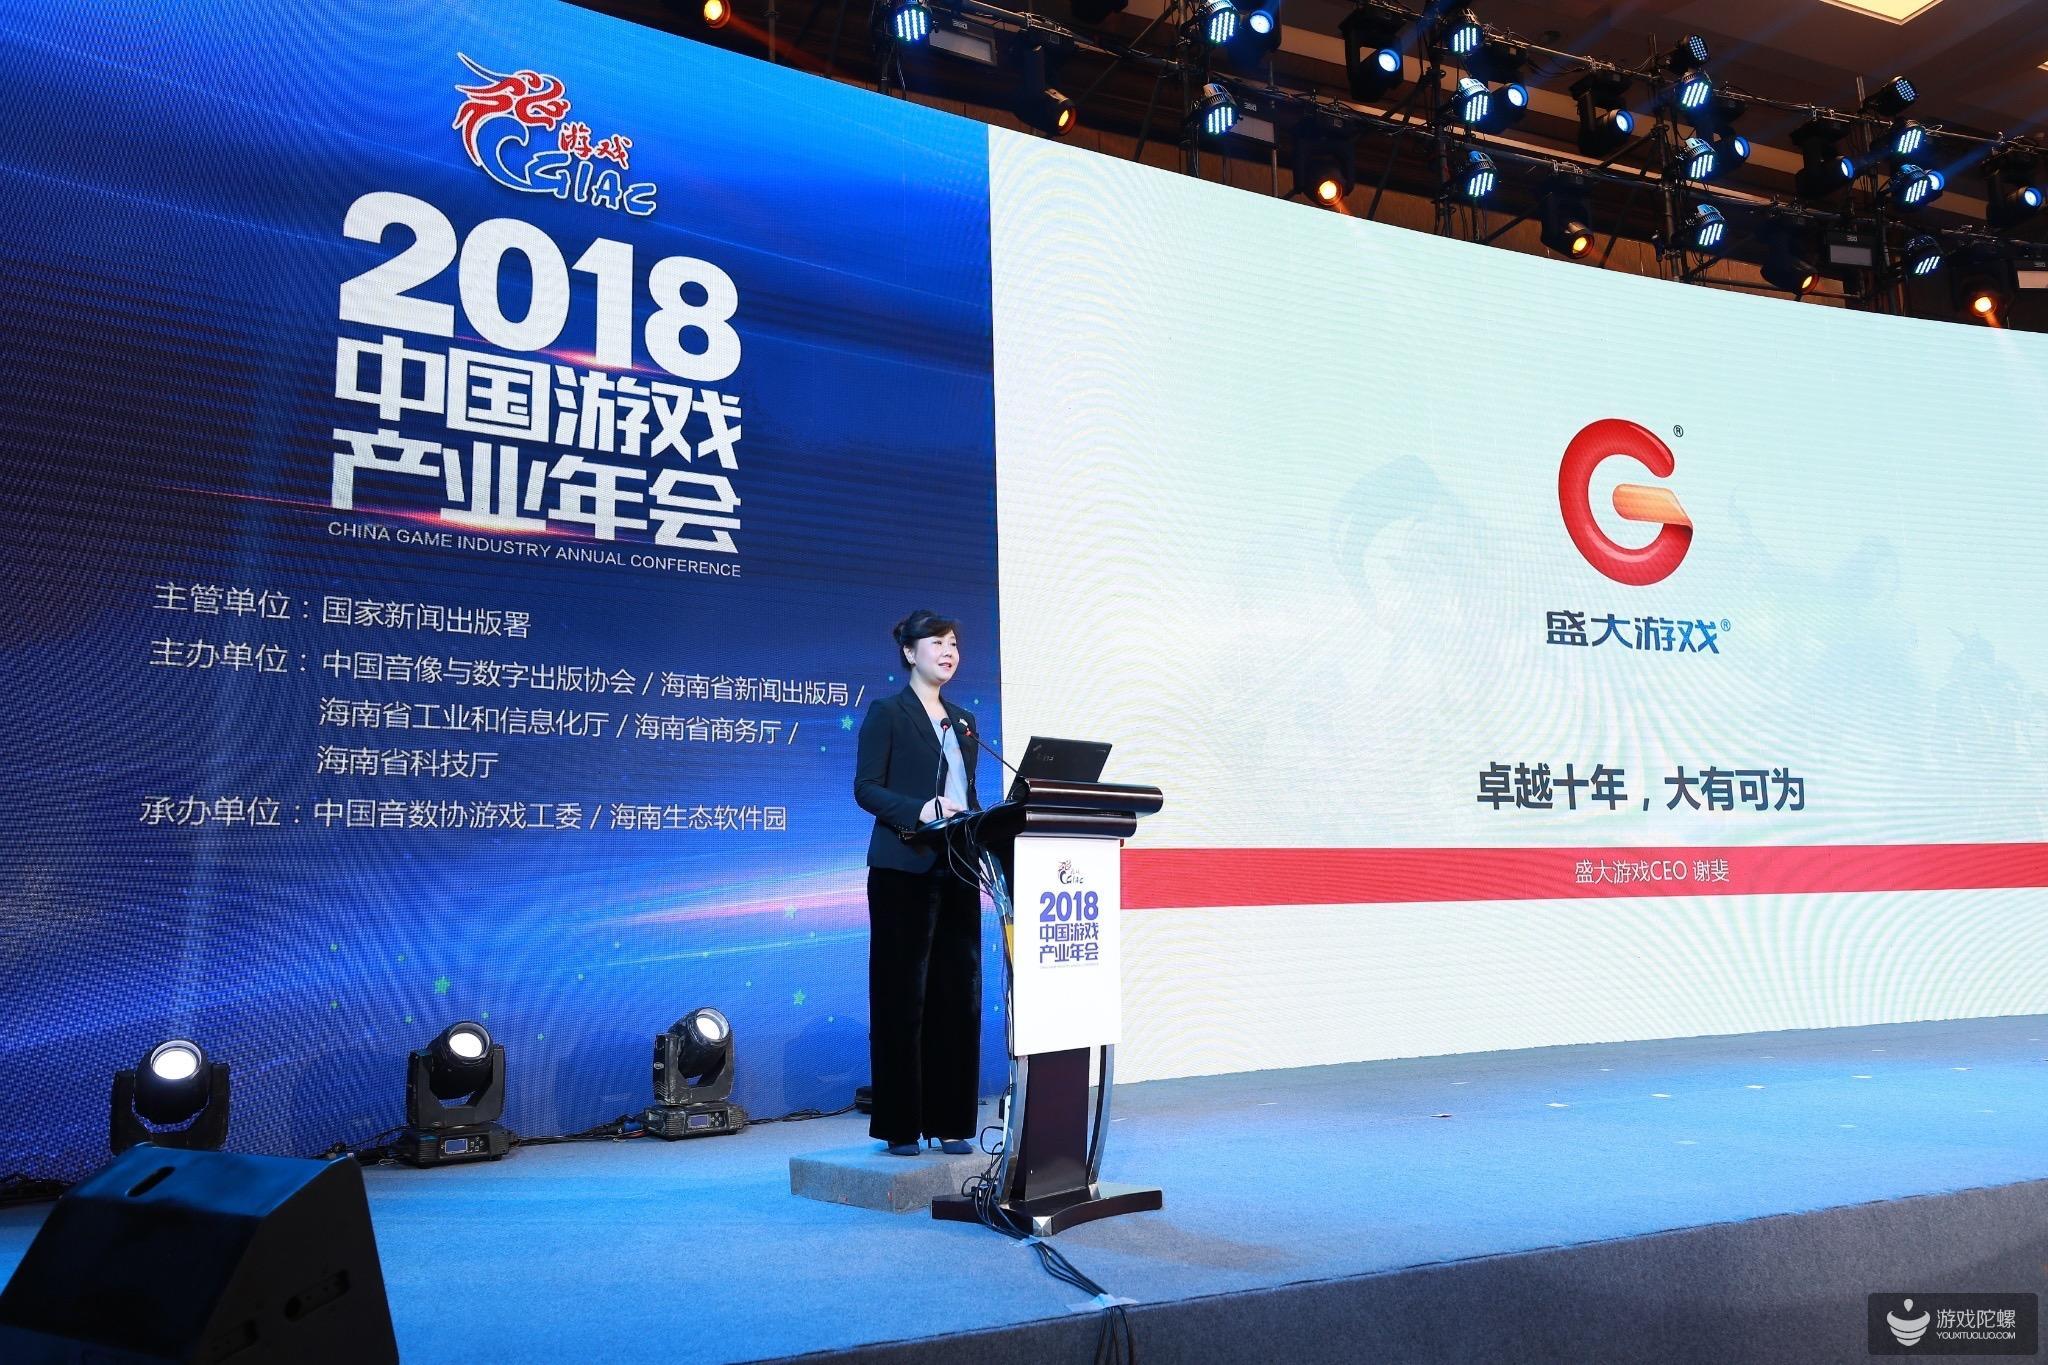 盛大游戏CEO谢斐:责任、好奇心、创新将让游戏产业未来10年走向卓越